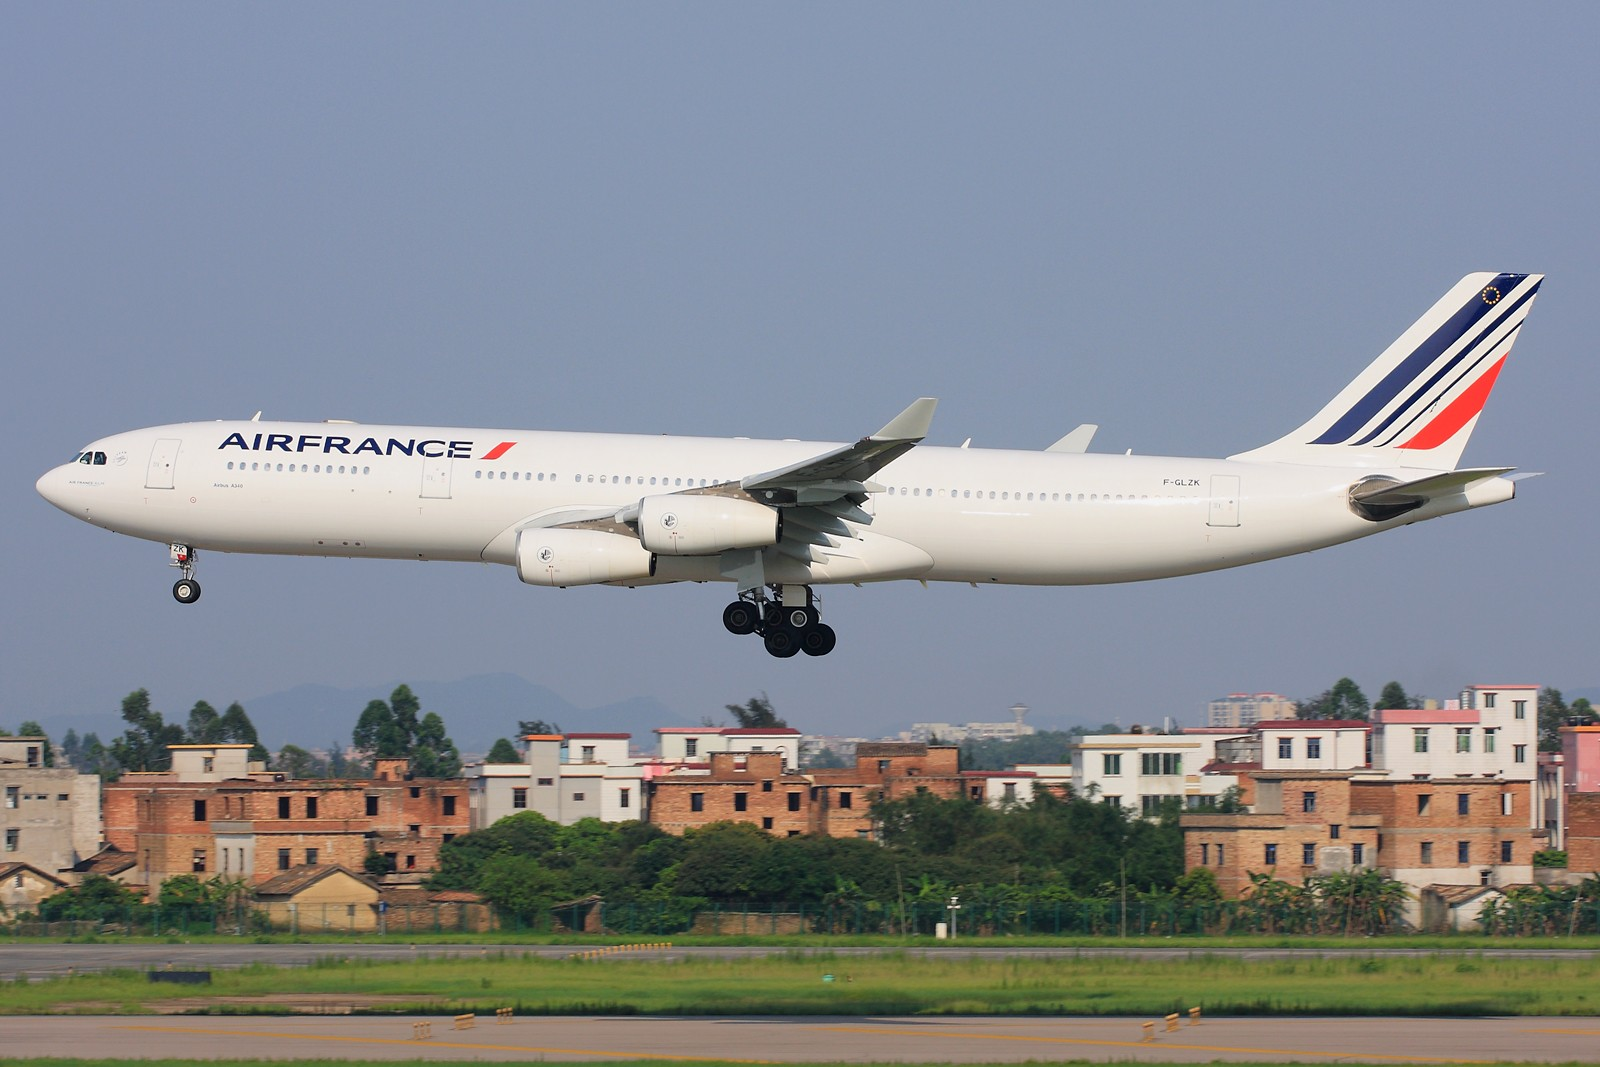 [原创]【深圳飞友会】忙里偷闲,生日都没时间过。发张法国航空A340-300新装。自我庆祝,自我安慰。有机会体验做个一图党带来的甜酸苦辣。 AIRBUS A340-300 F-GLZK 中国广州白云机场